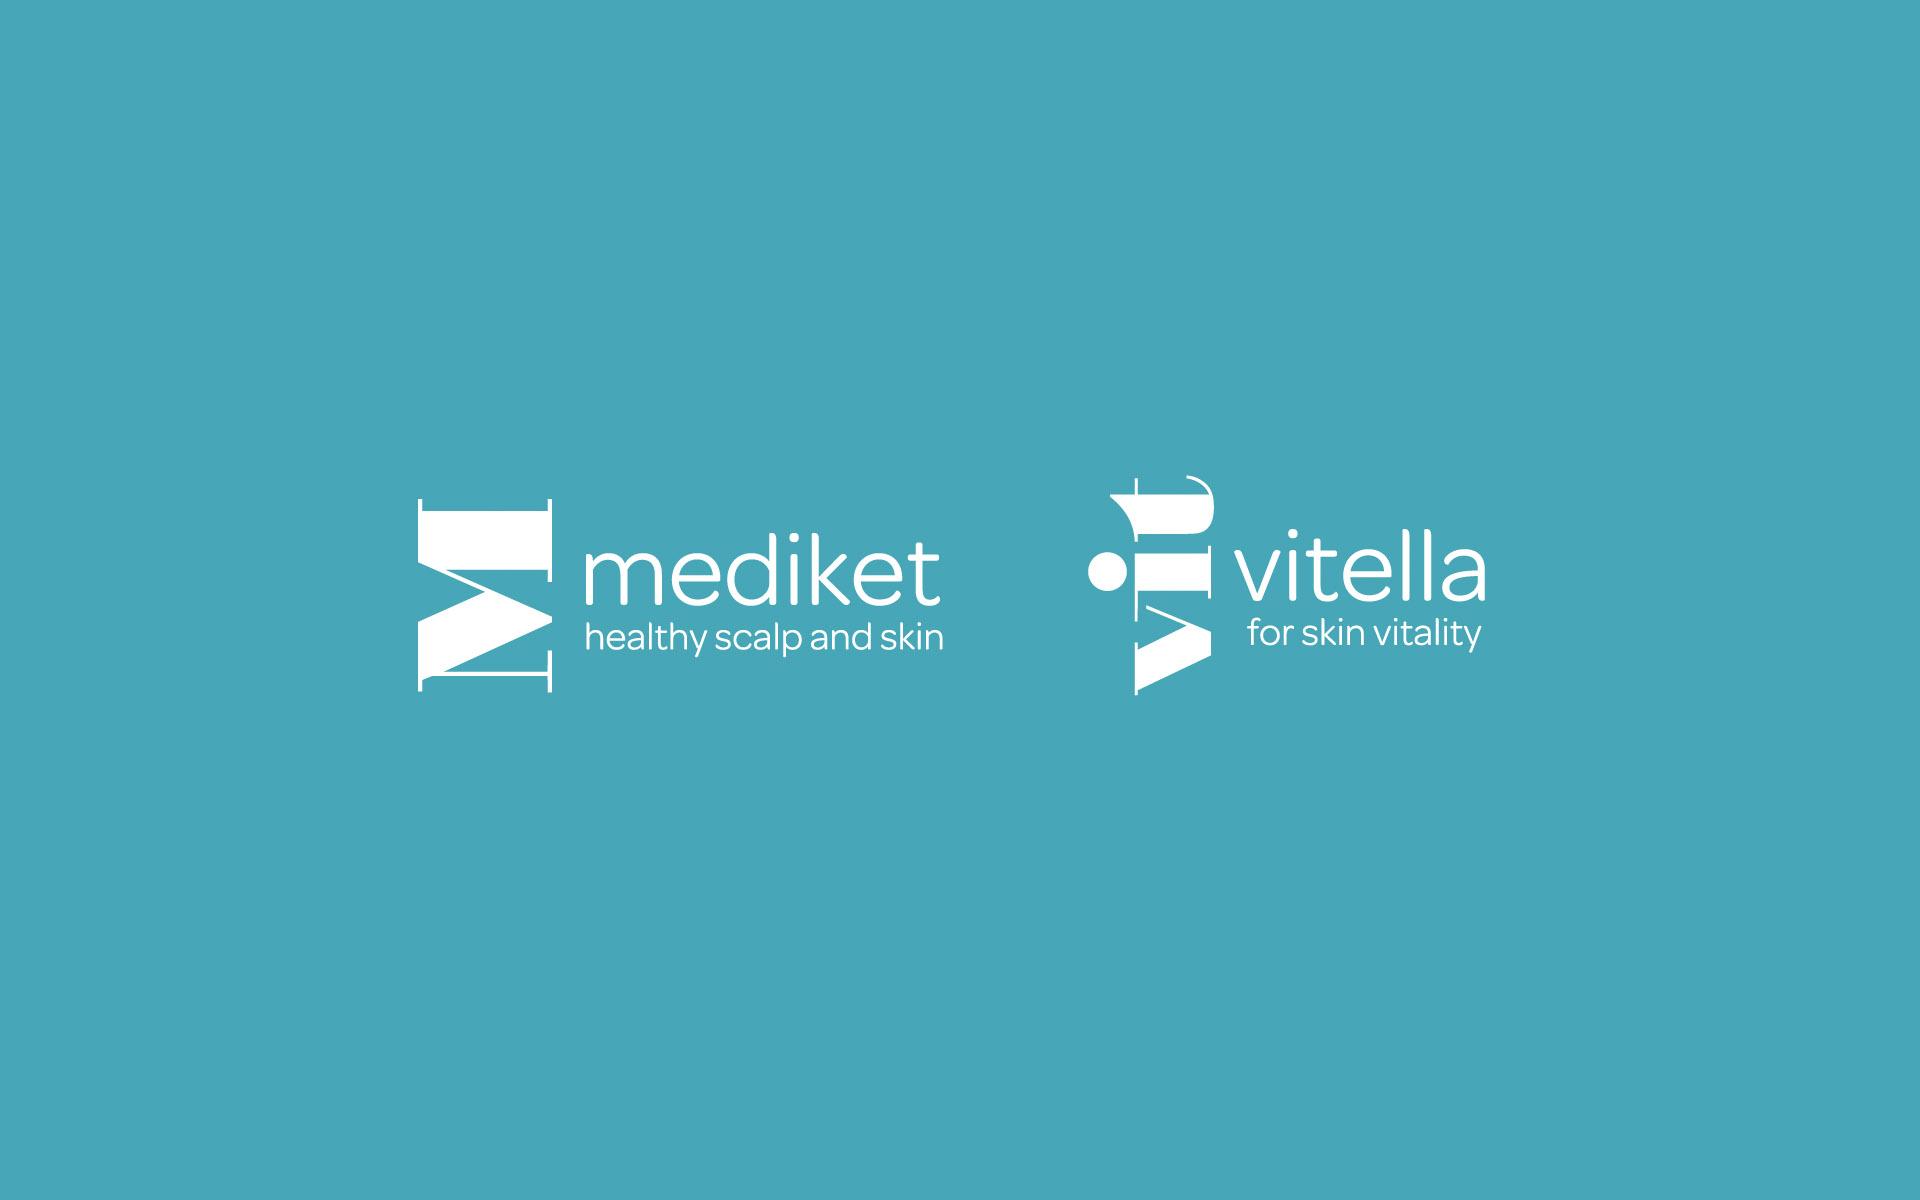 littlebrand-logo-mediket-vitella